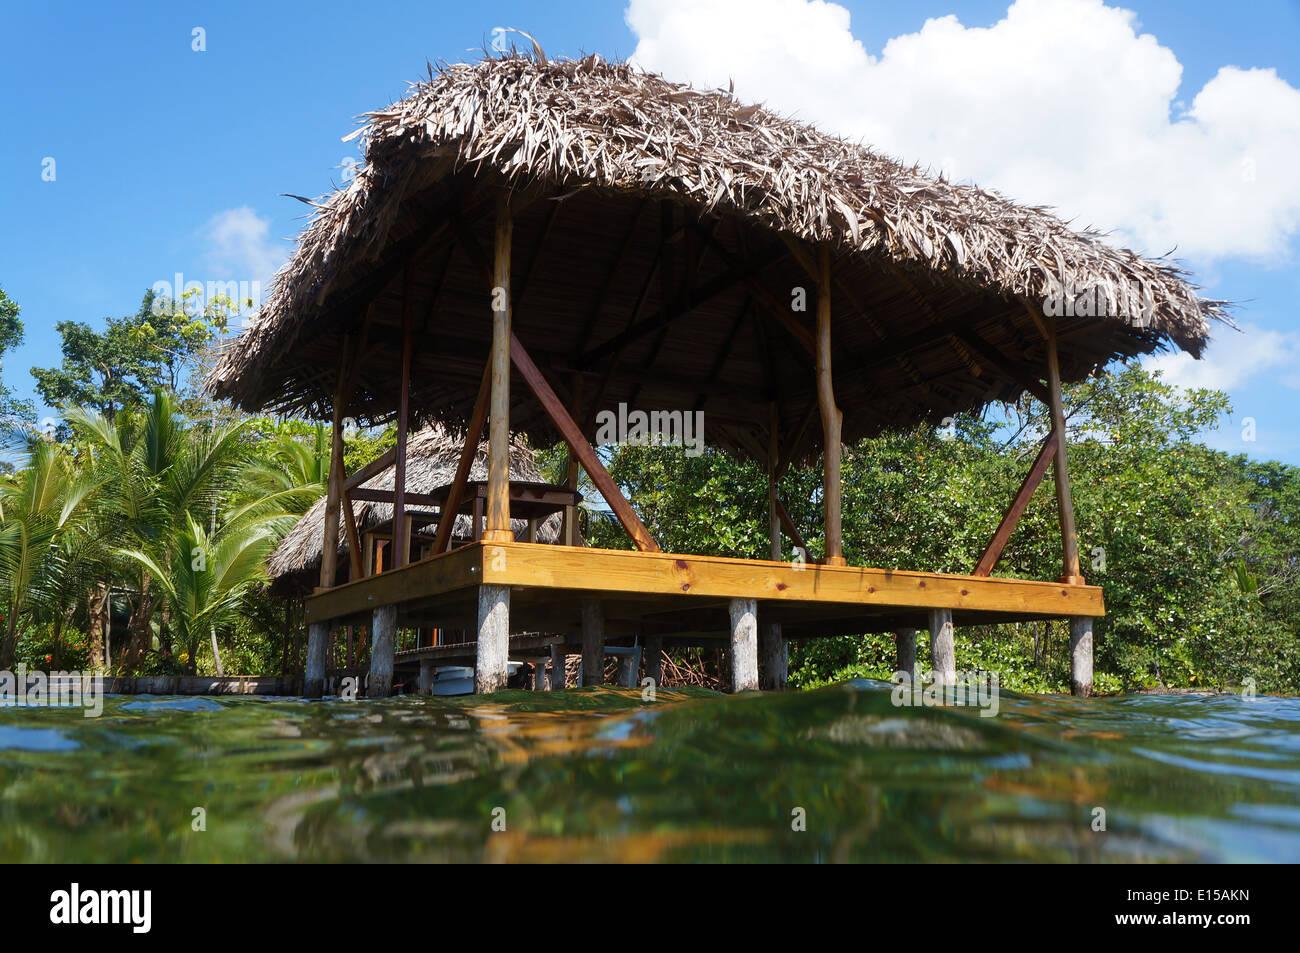 Capanna con il tetto di paglia su palafitte visto dalla superficie del mare Immagini Stock